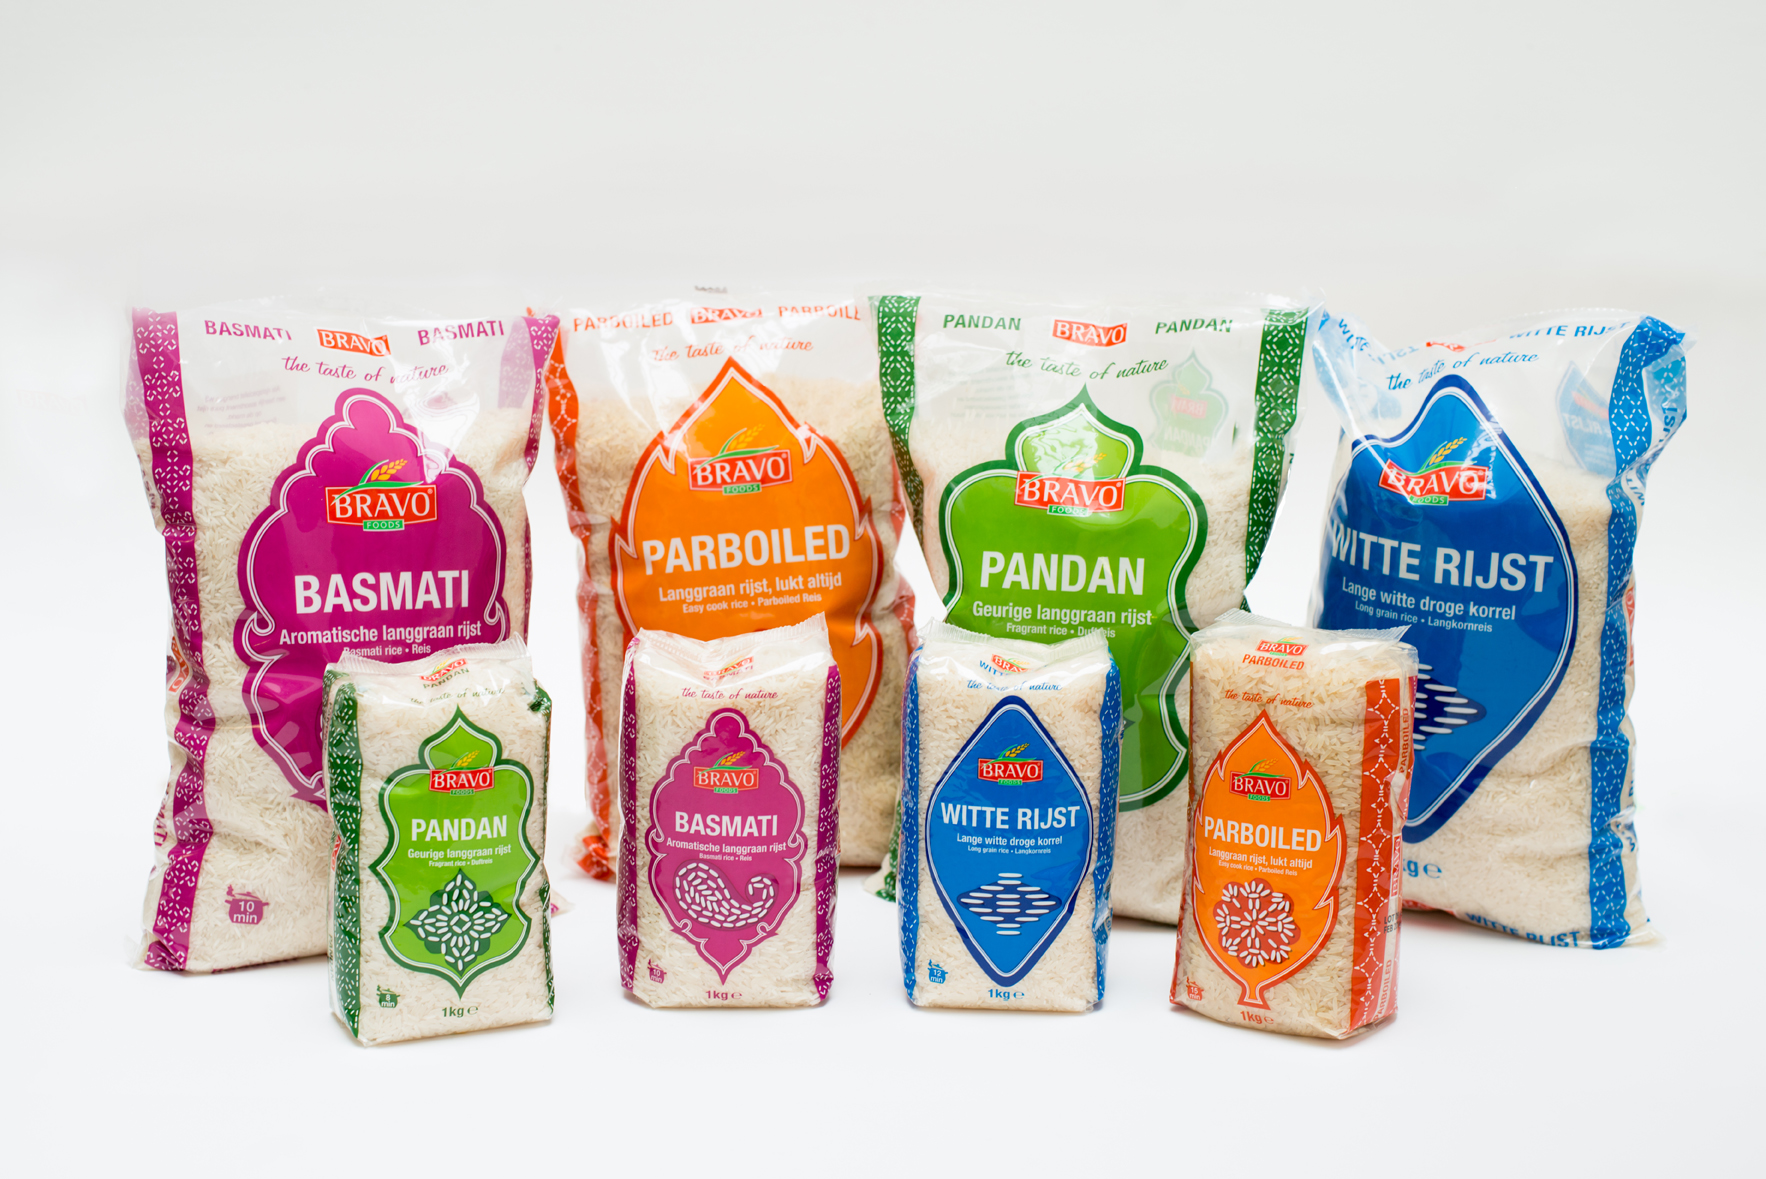 merk-verpakkingontwerp-rijst-bravo